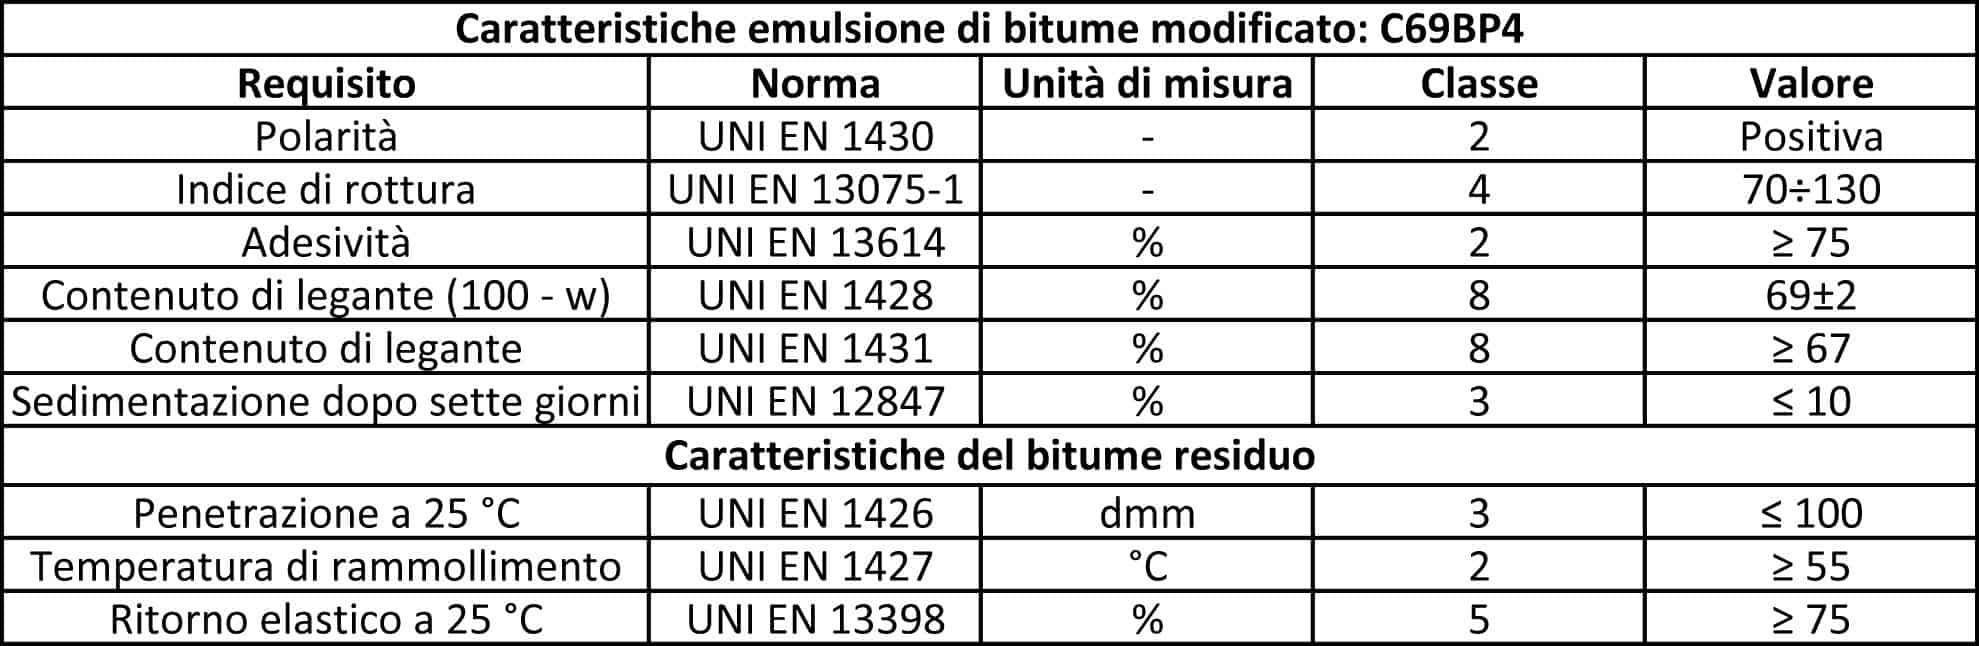 Le caratteristiche dell'emulsione di bitume modificato per il trattamento superficiale